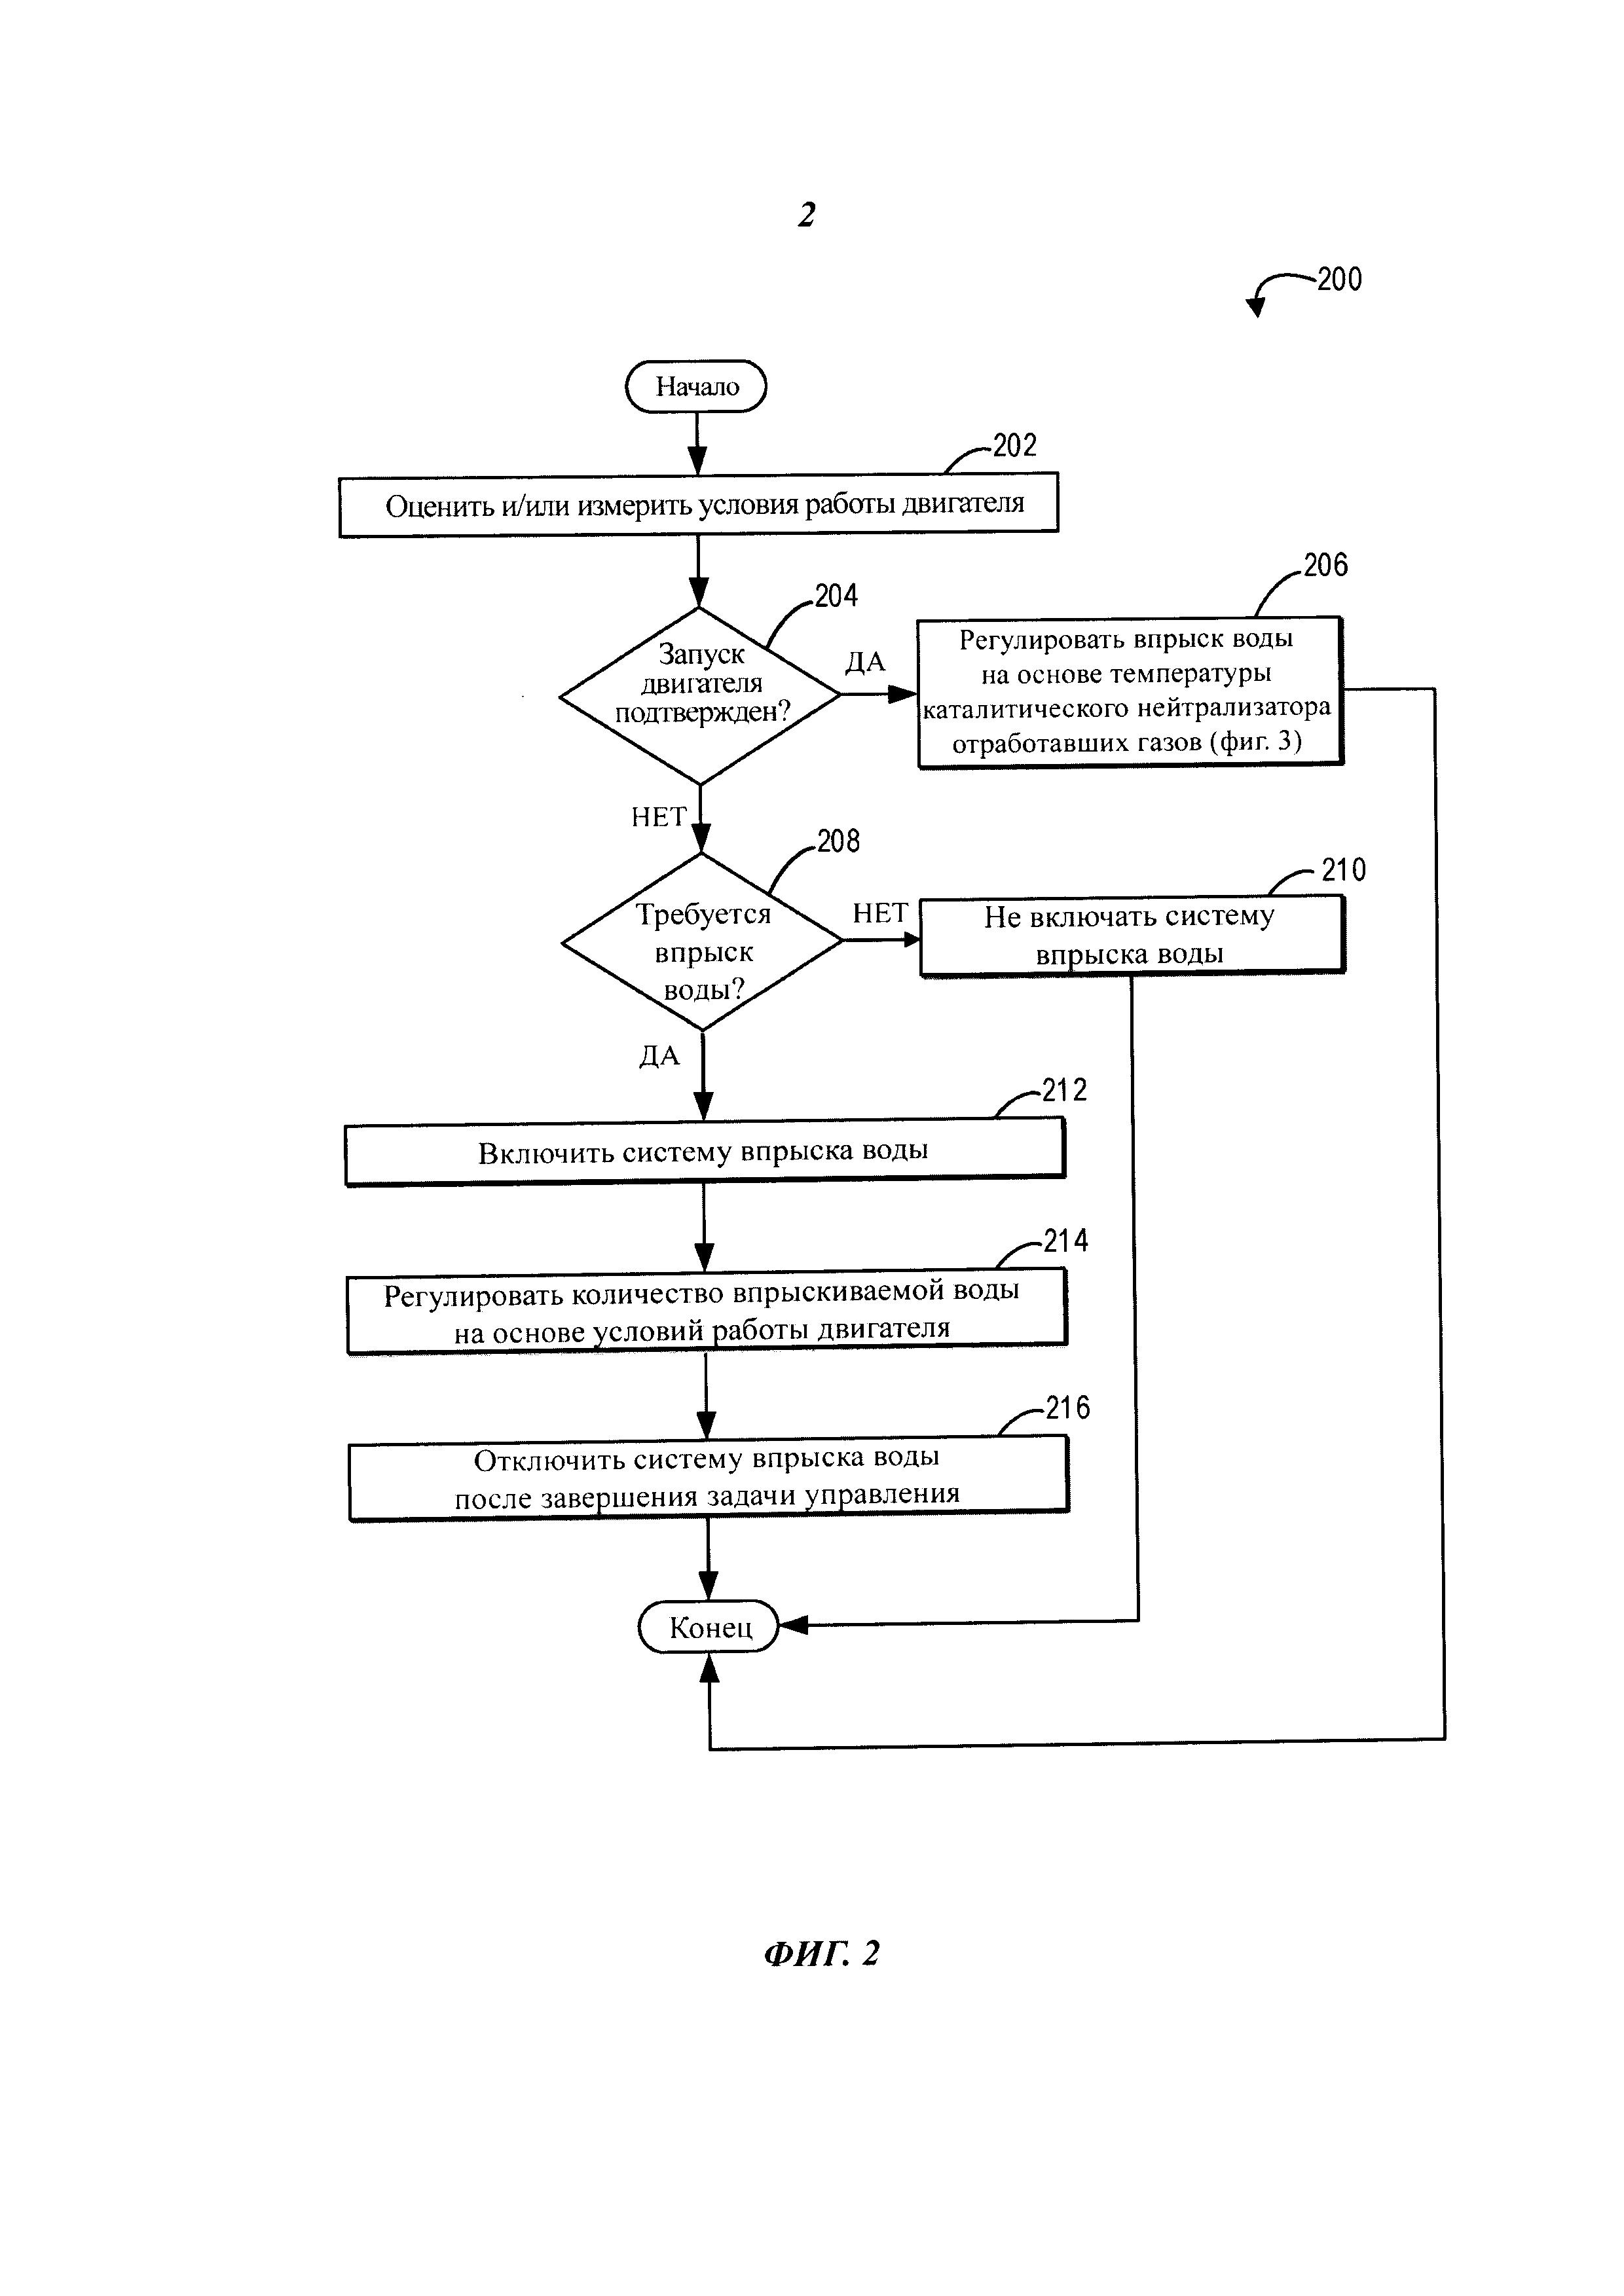 Способ и система для работы каталитического нейтрализатора отработавших газов двигателя